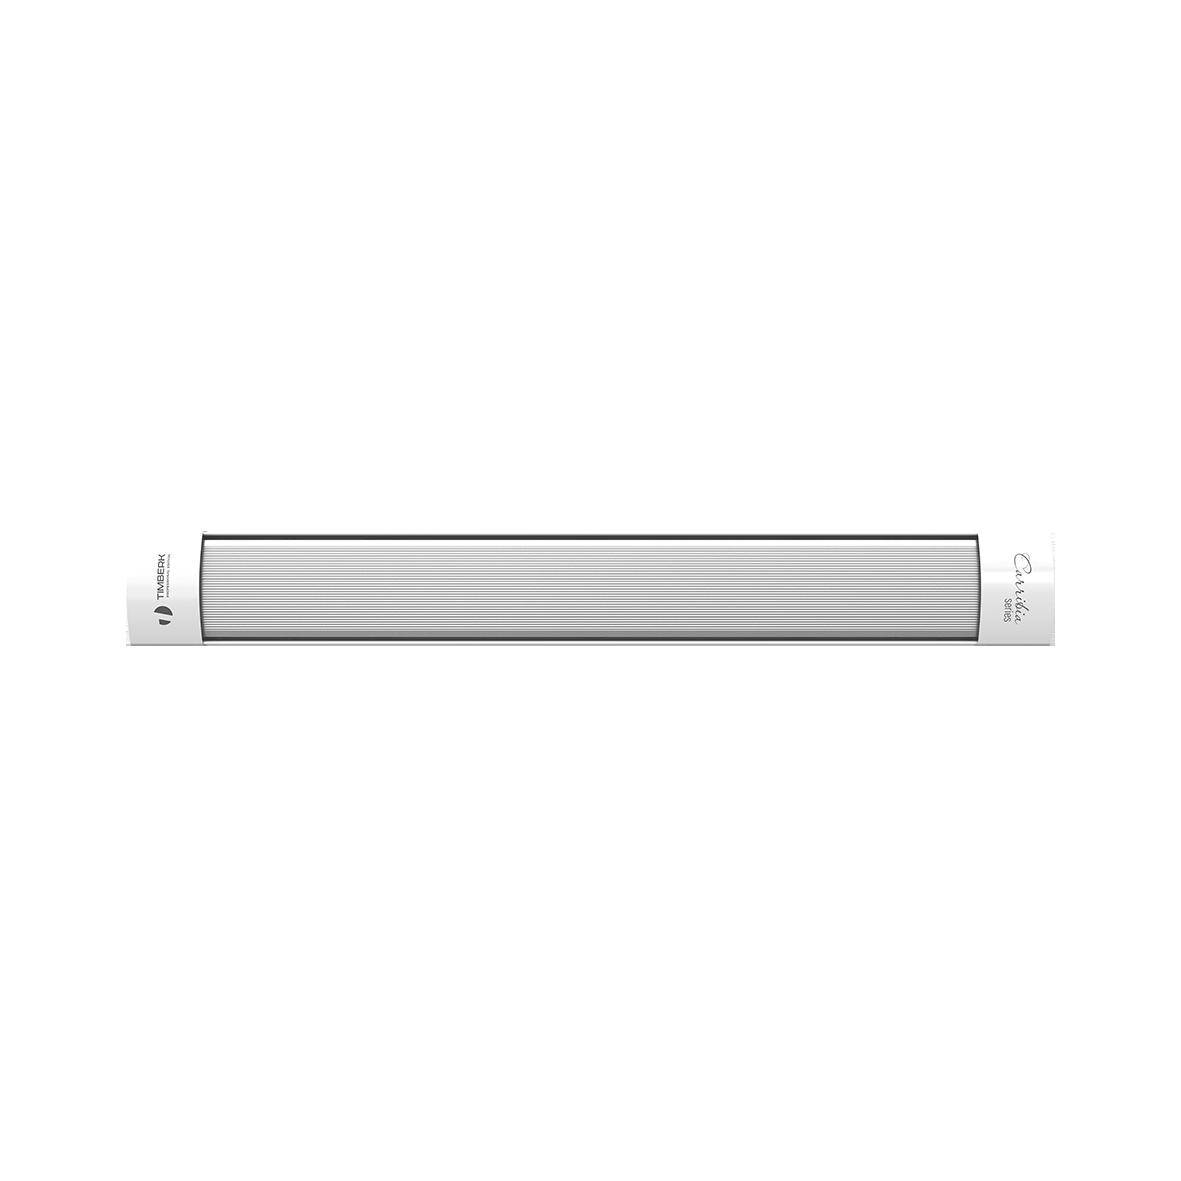 Обогреватель Timberk TCH A5 1000Обогреватели<br>- Возможность объединения приборов в группу - до 3000 Вт суммарной мощности<br>- Компактный размер<br>- Отражательный экран с высочайшим коэффициентом отражения<br>- Повышенная экономия расхода электроэнергии<br>- Потолочный монтаж - экономия пространства помещения<br>- Безопасное потолочное крепление: горячая рабочая поверхность недоступна для случайных контактов.<br>- Возможность подключения блока дистанционного управления TMS 08.CH*<br>- Возможность подключения комнатного термостата TMS.09CH или TMS 10.CH**<br>* Блок управления не входит в комплект поставки, приобретается ...<br><br>Тип: инфракрасный<br>Серия: A5: Carribia<br>Площадь обогрева, кв.м: 12<br>Термостат: есть<br>Напряжение: 220/230 В<br>Габариты: 115.2x14.2x5 см